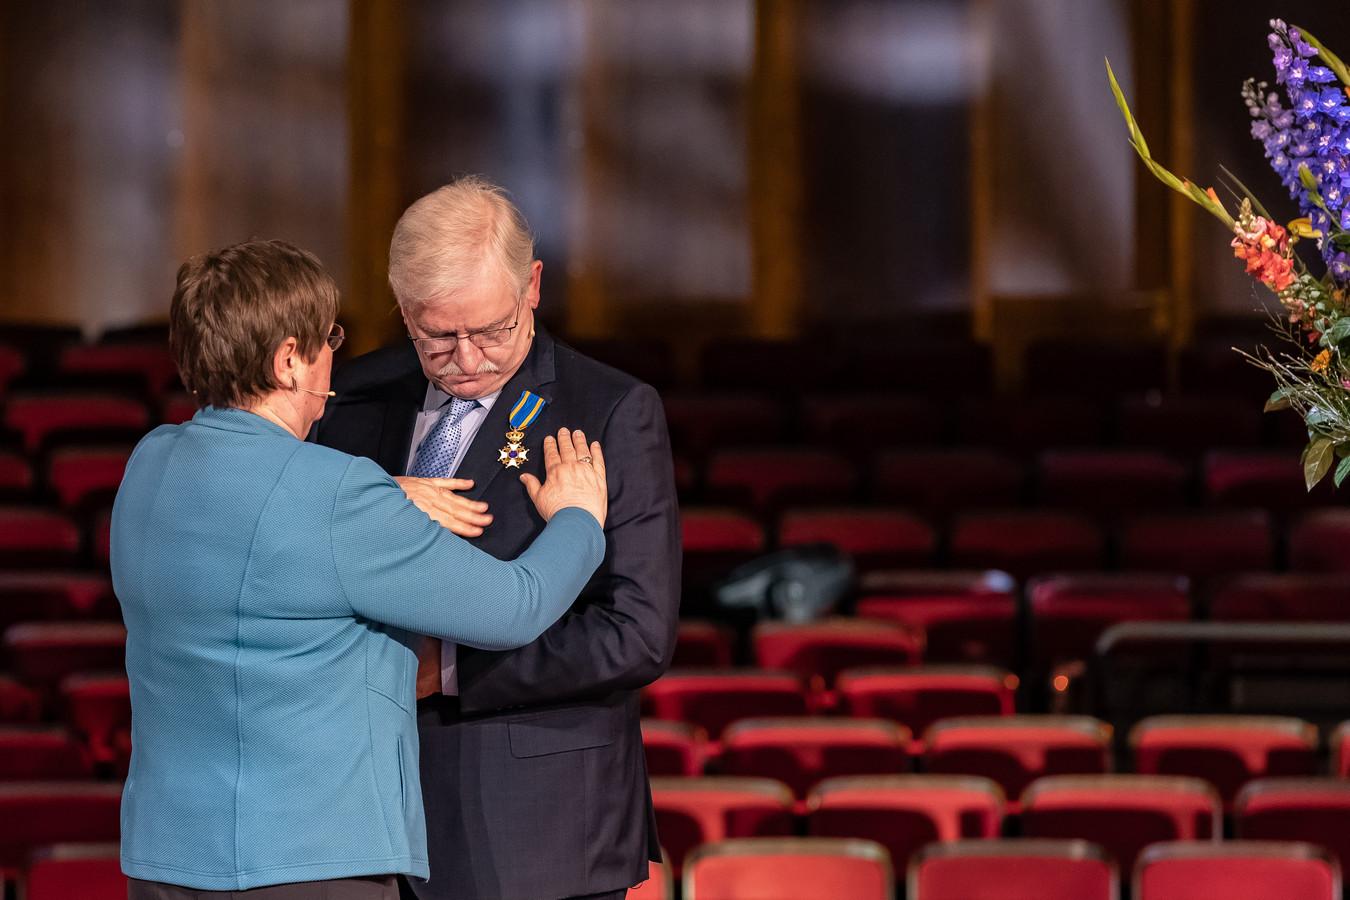 Koninklijke onderscheiding voor Steven Pleiter, woensdag in De Spiegel opgespeld door zijn echtgenote.